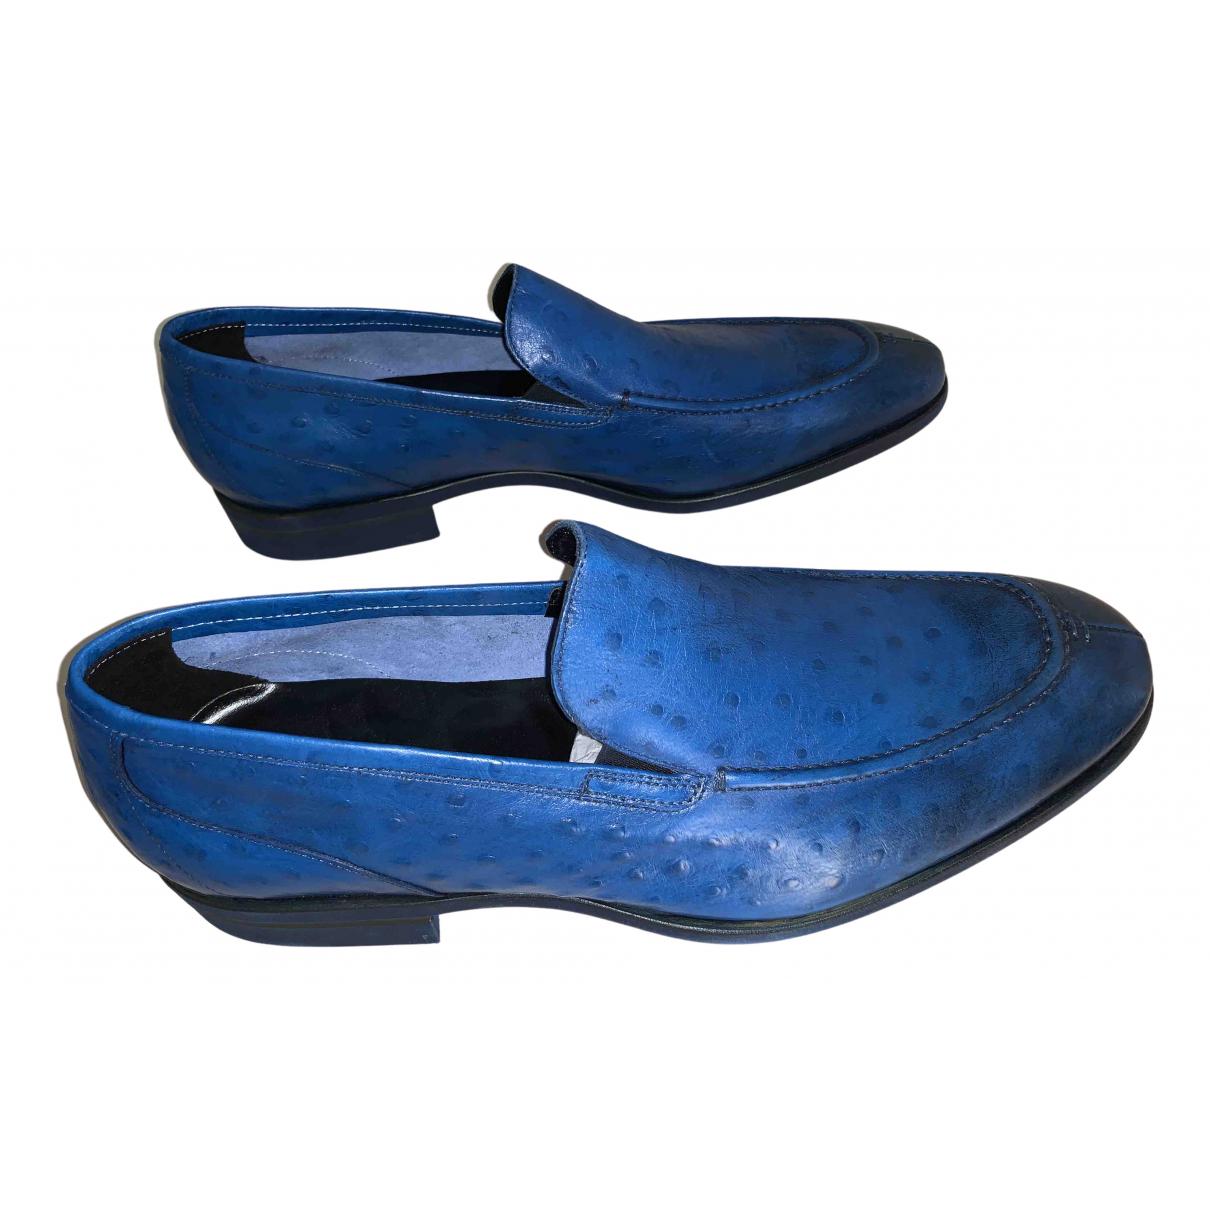 Baldinini \N Espadrilles in  Blau Exotenleder